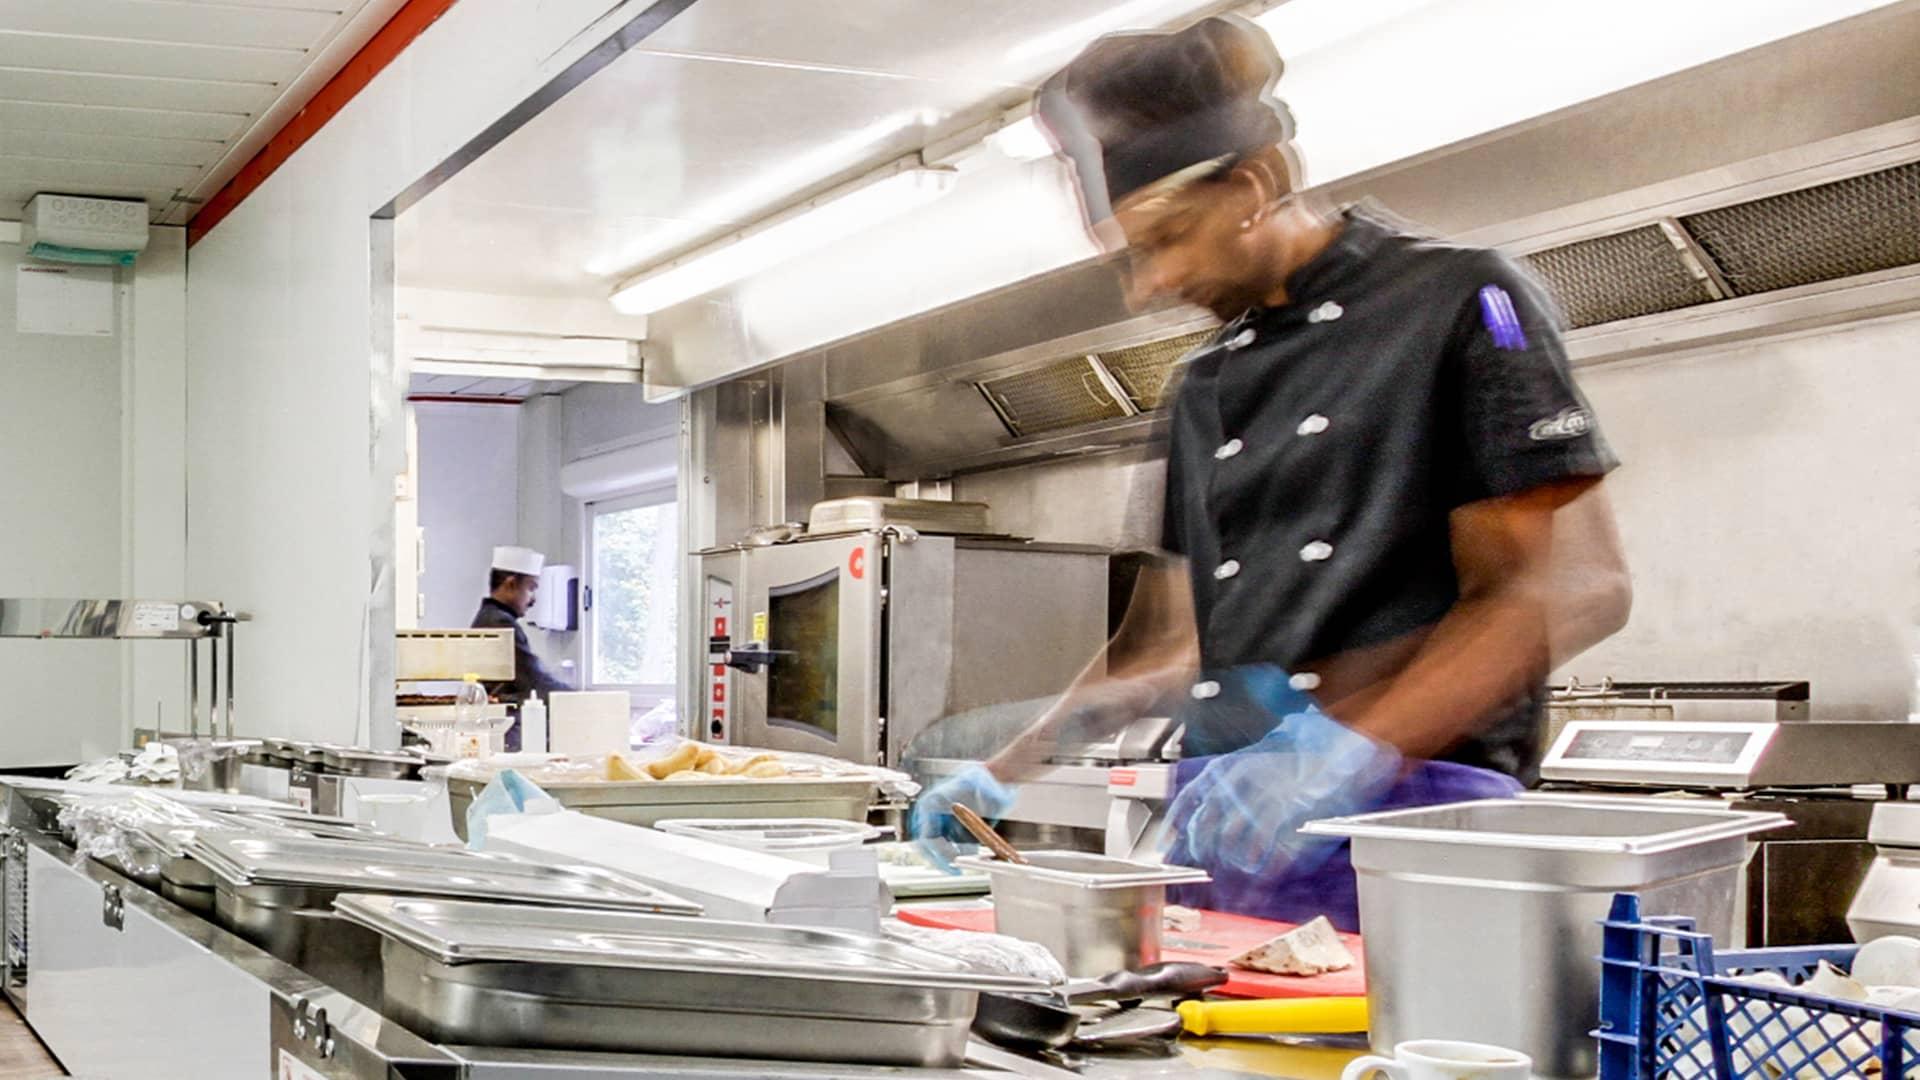 cuisinier-preparant-des-repas-dans-une-dark-kitchen-locacuisines